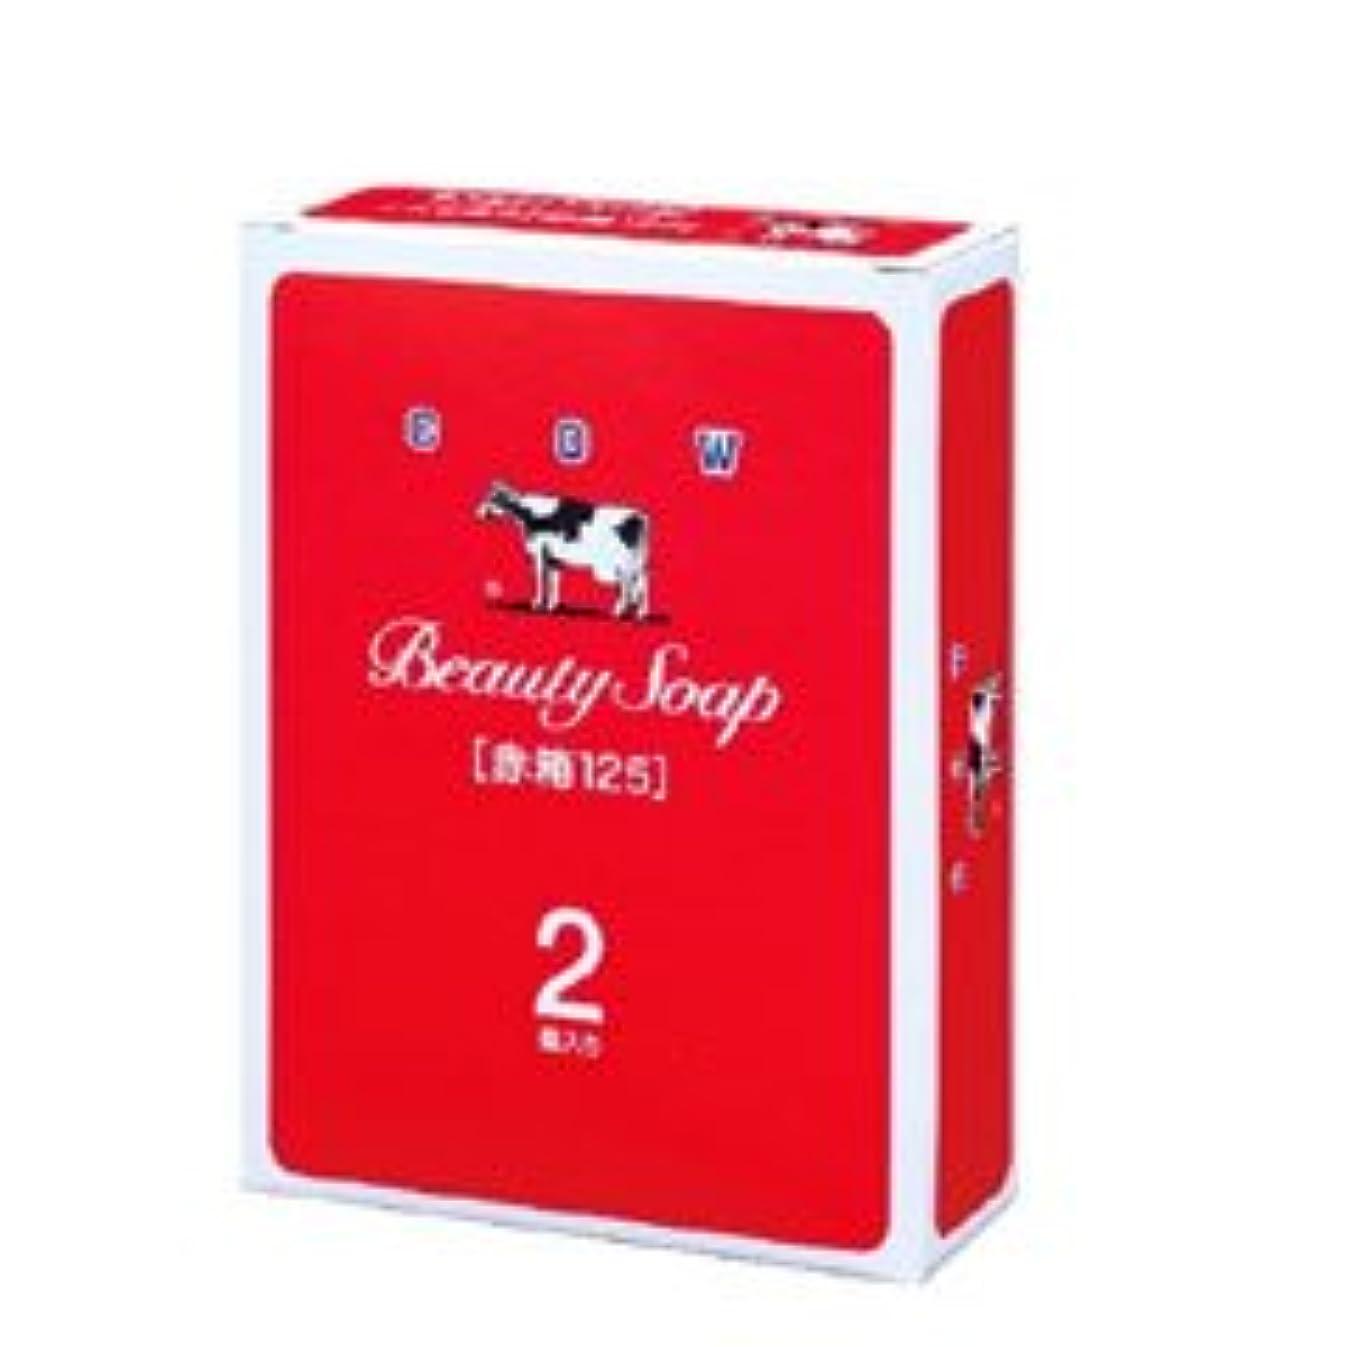 素晴らしい良い多くの強化横たわる【牛乳石鹸】カウブランド 赤箱 125 2個入り